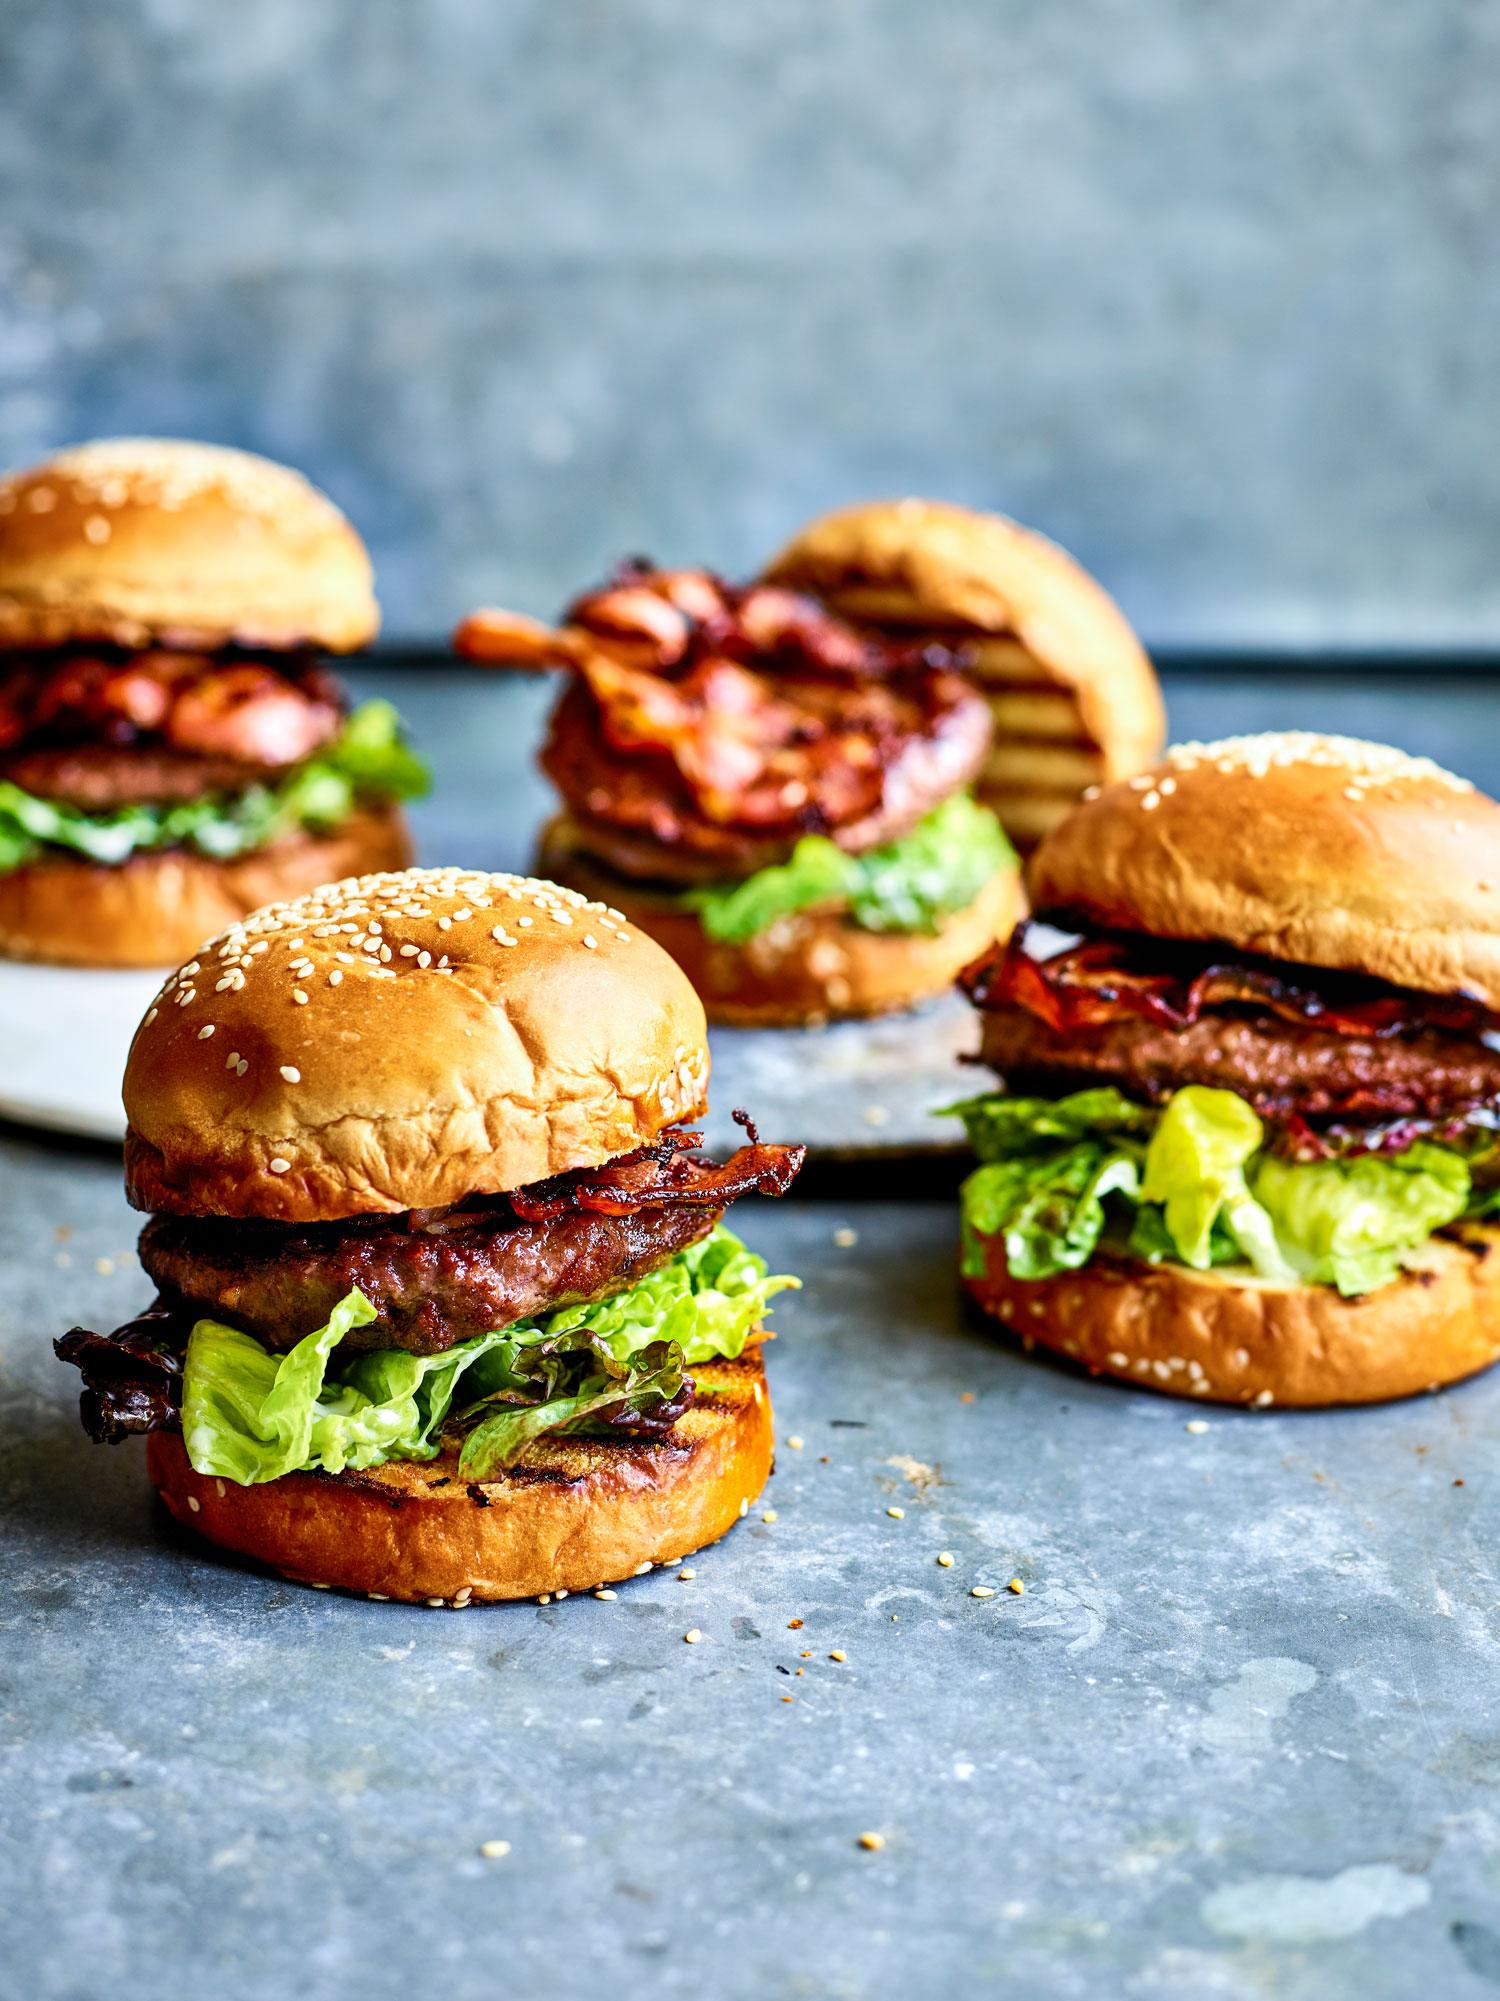 Burgers-3 copy